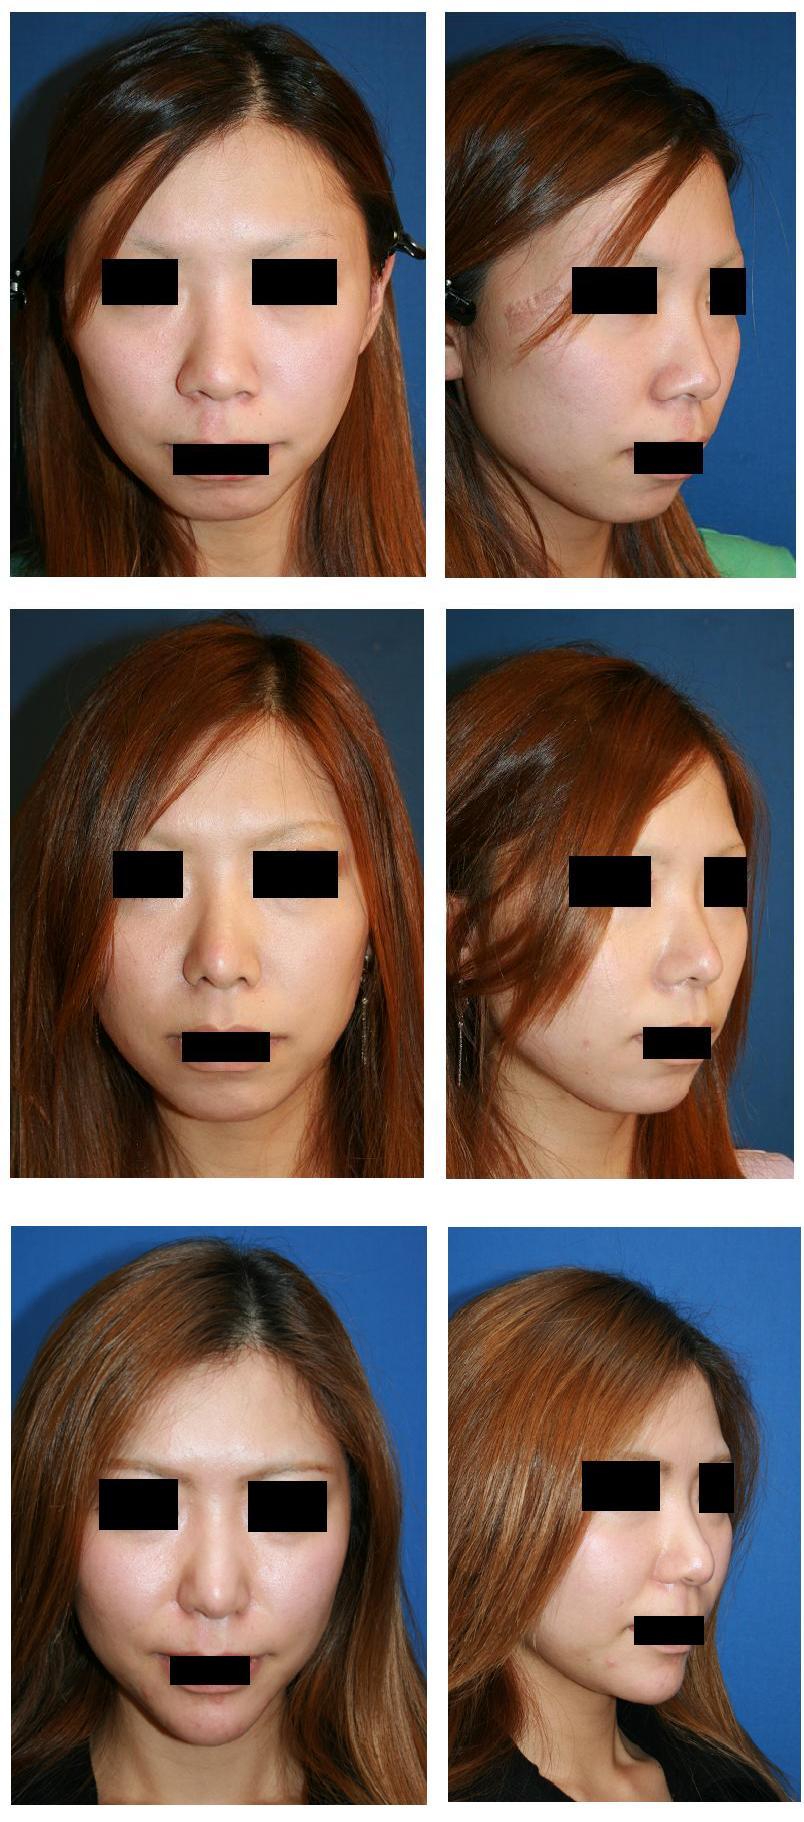 鼻尖縮小術(クローズ法)、鼻尖部軟骨移植術、小鼻縮小術、顎先プロテーゼ留置術、鼻孔縁下降術_d0092965_0233933.jpg